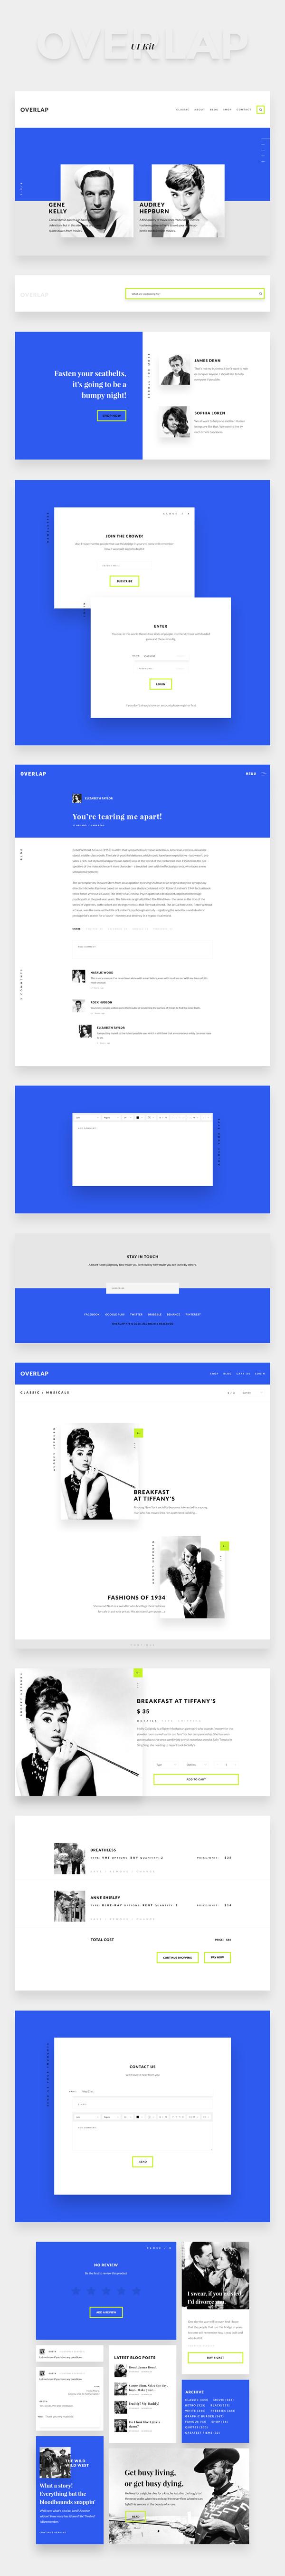 Makieta UI Kit dla projektowania na kolumnach systemu Bootstrap